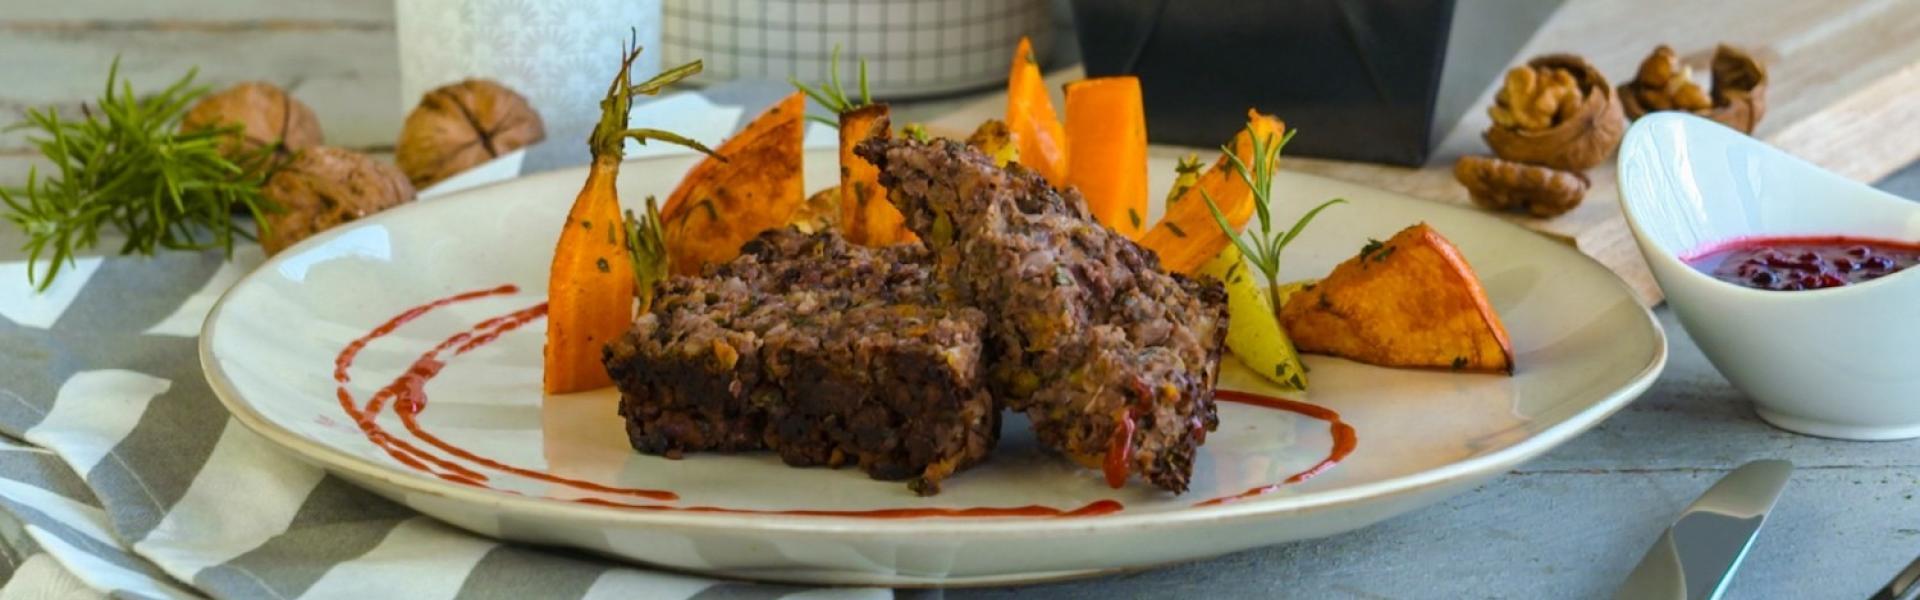 Zwei Scheiben Nussbraten mit Karotten und Kürbis auf einem Teller.